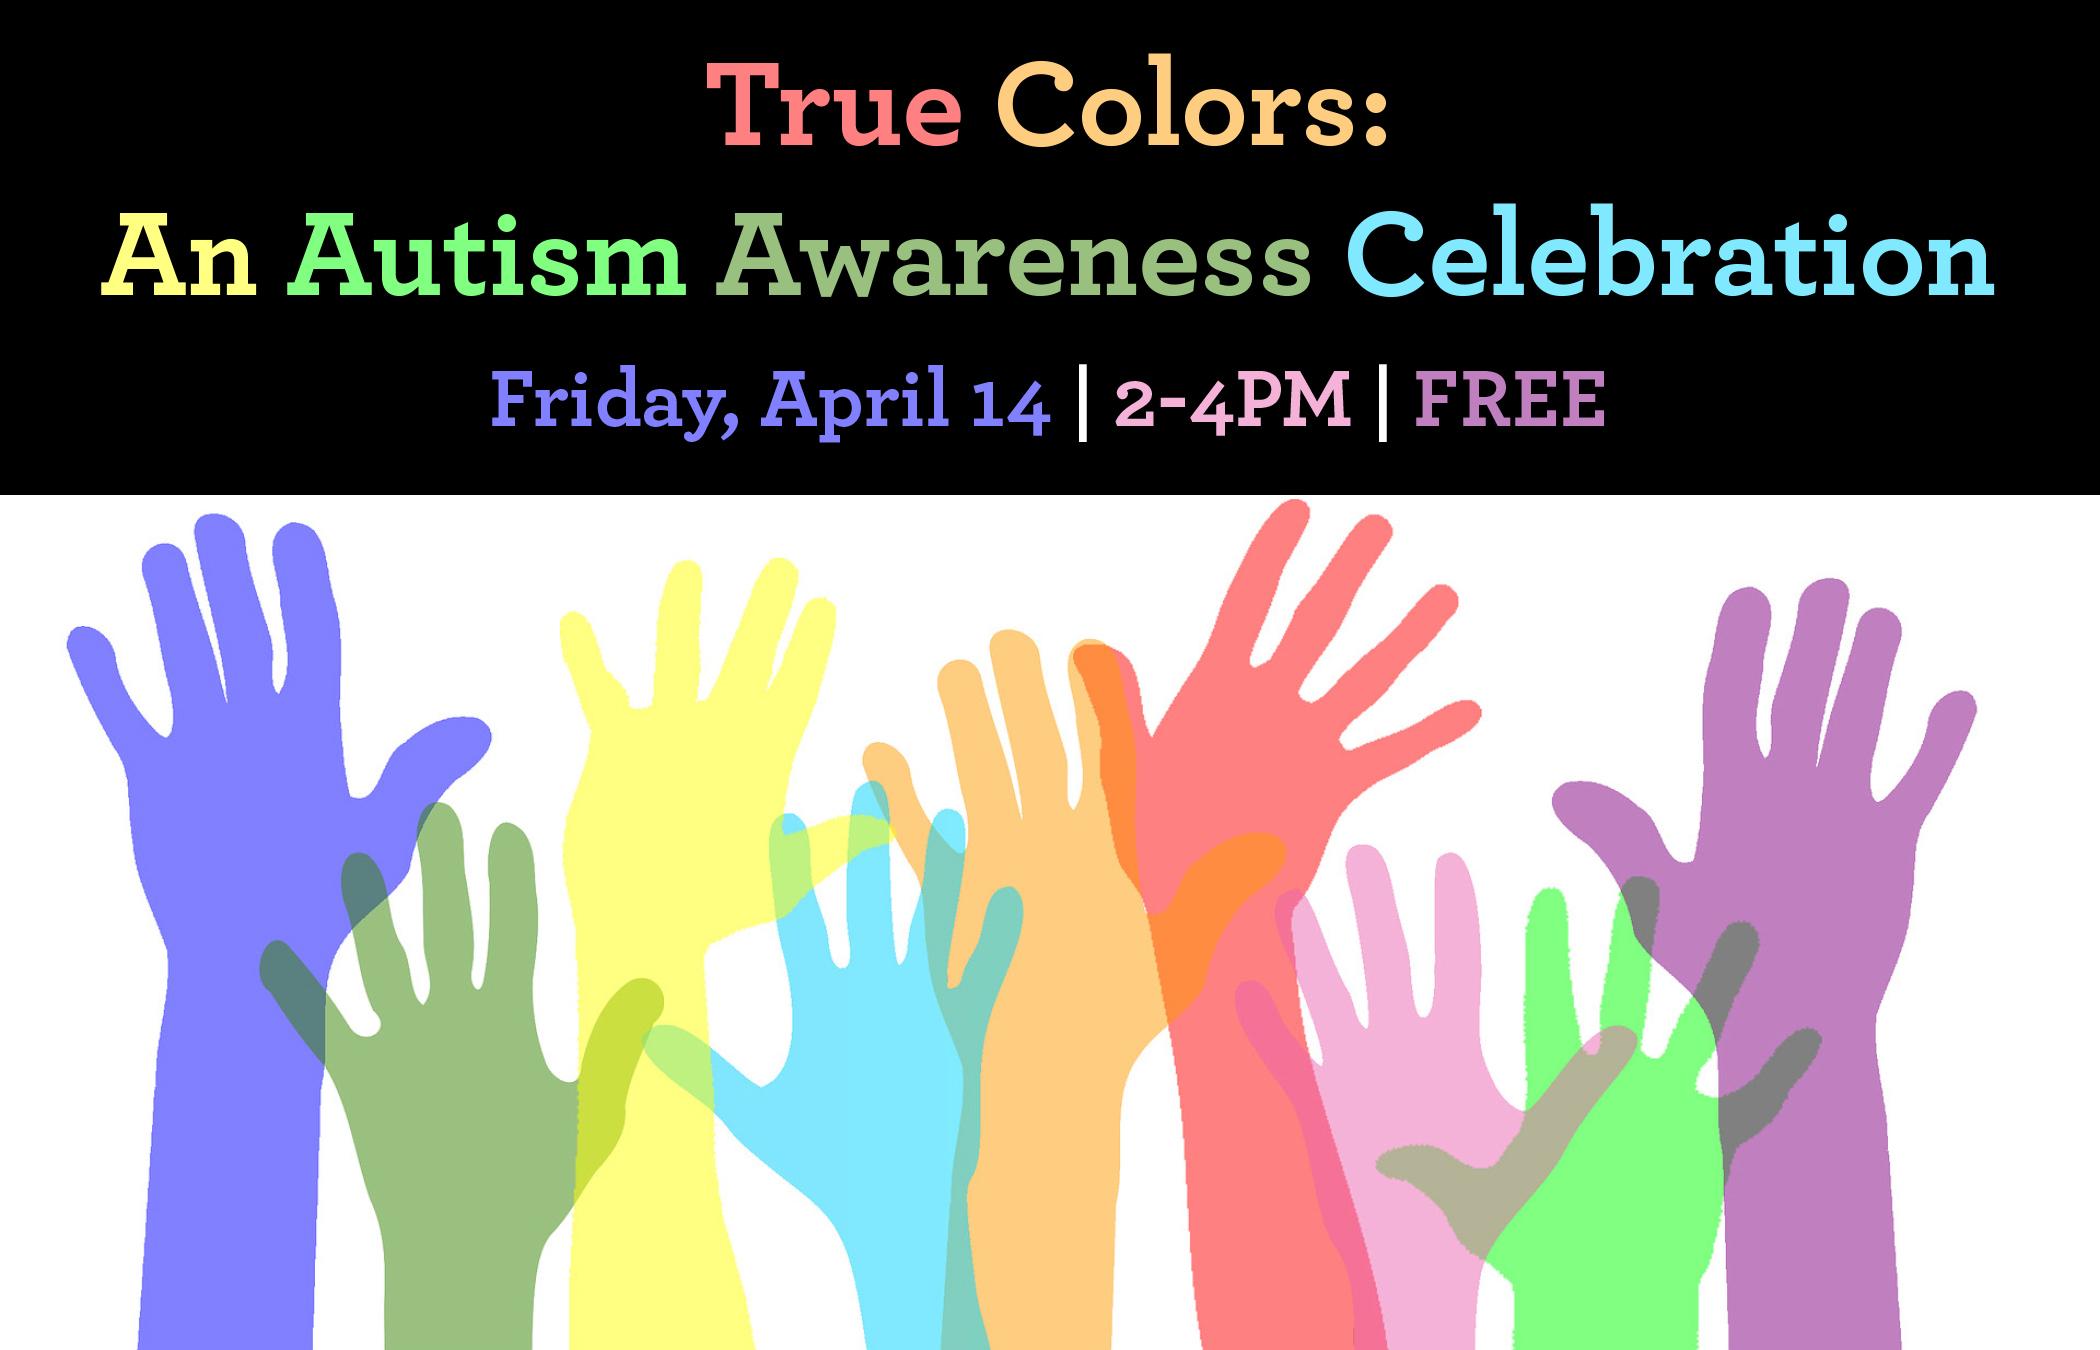 Autism Awareness notice 2.jpg